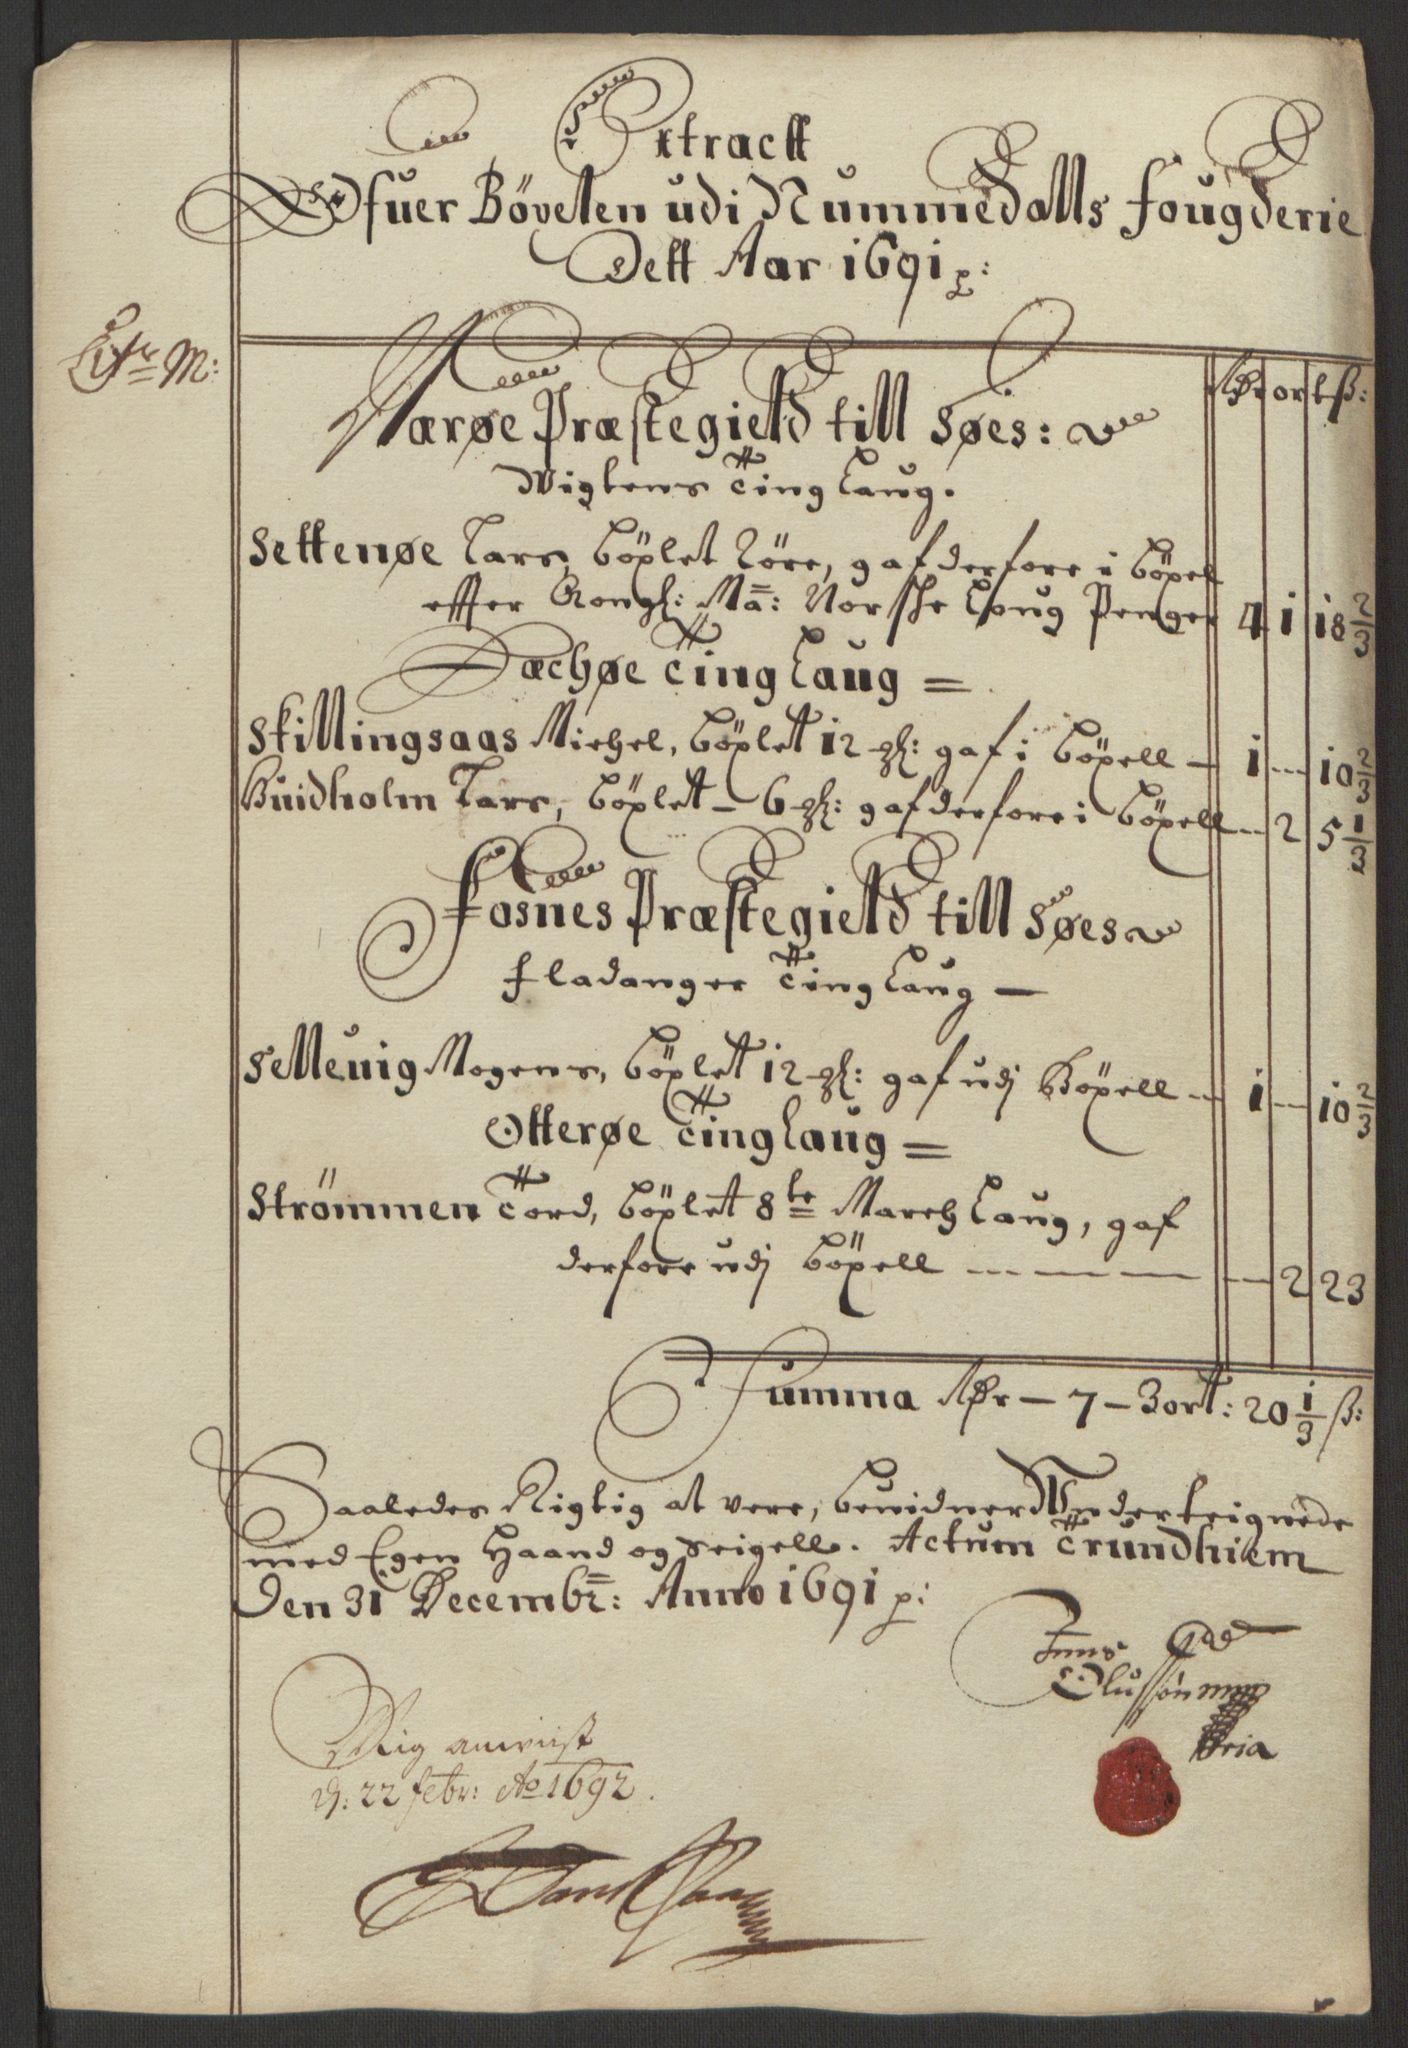 RA, Rentekammeret inntil 1814, Reviderte regnskaper, Fogderegnskap, R64/L4423: Fogderegnskap Namdal, 1690-1691, s. 289